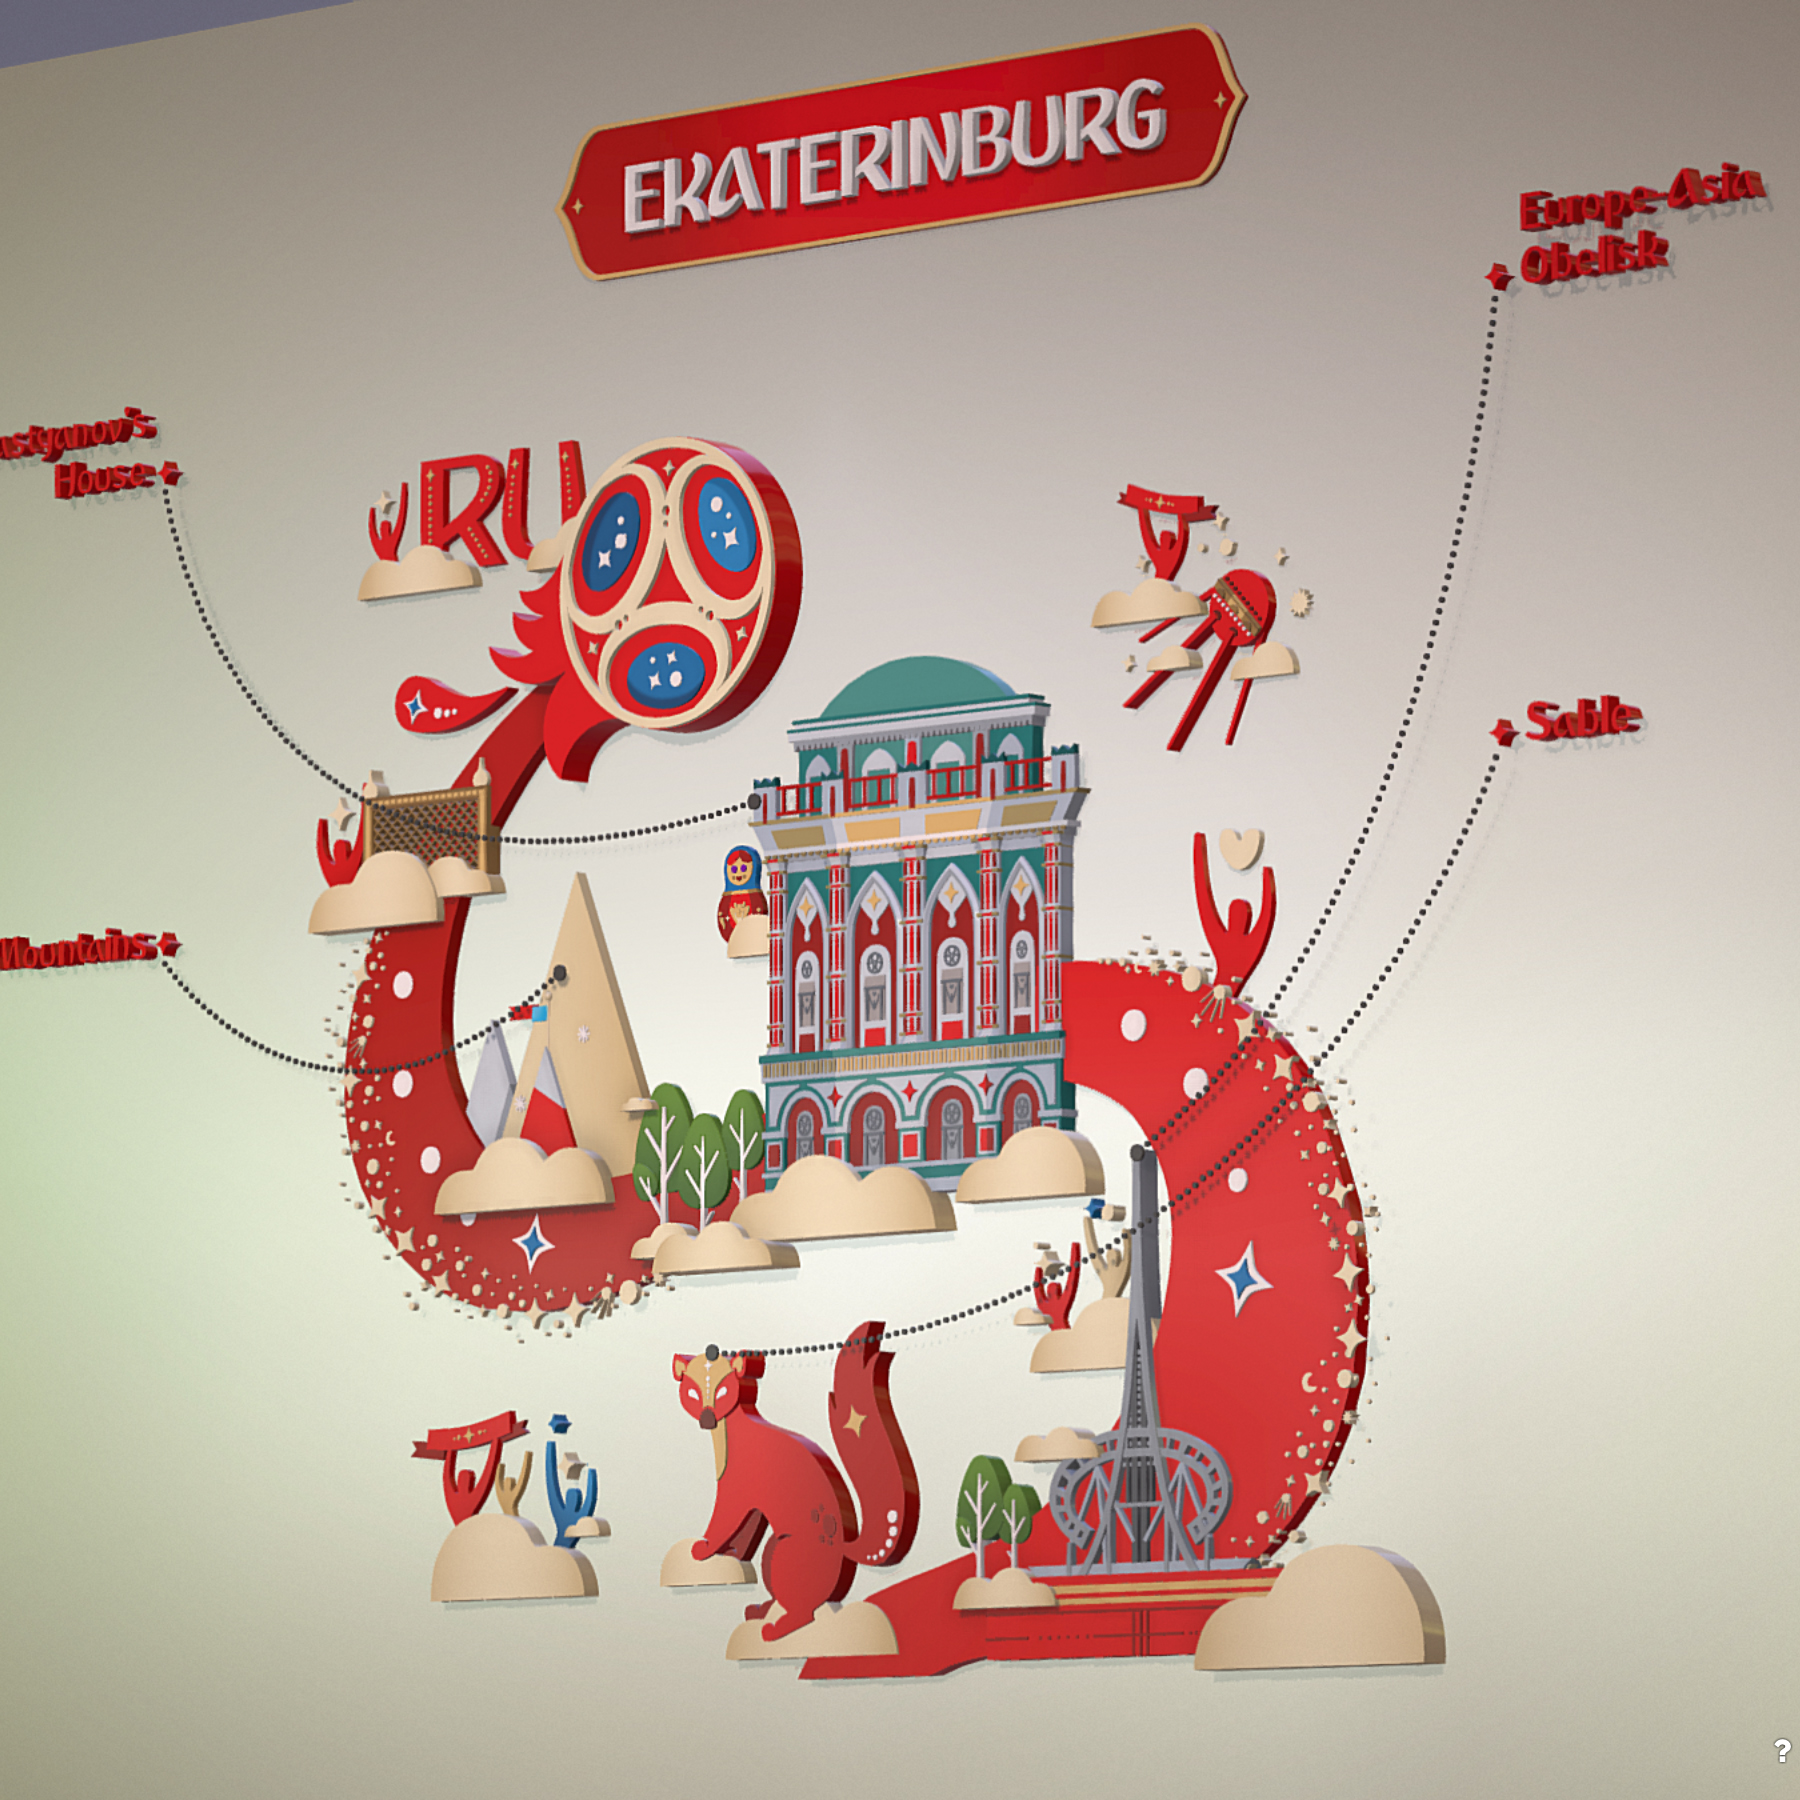 fifa wold cup 2018 russia host city ekaterinburg 3d model max  fbx jpeg jpg ma mb obj 271361